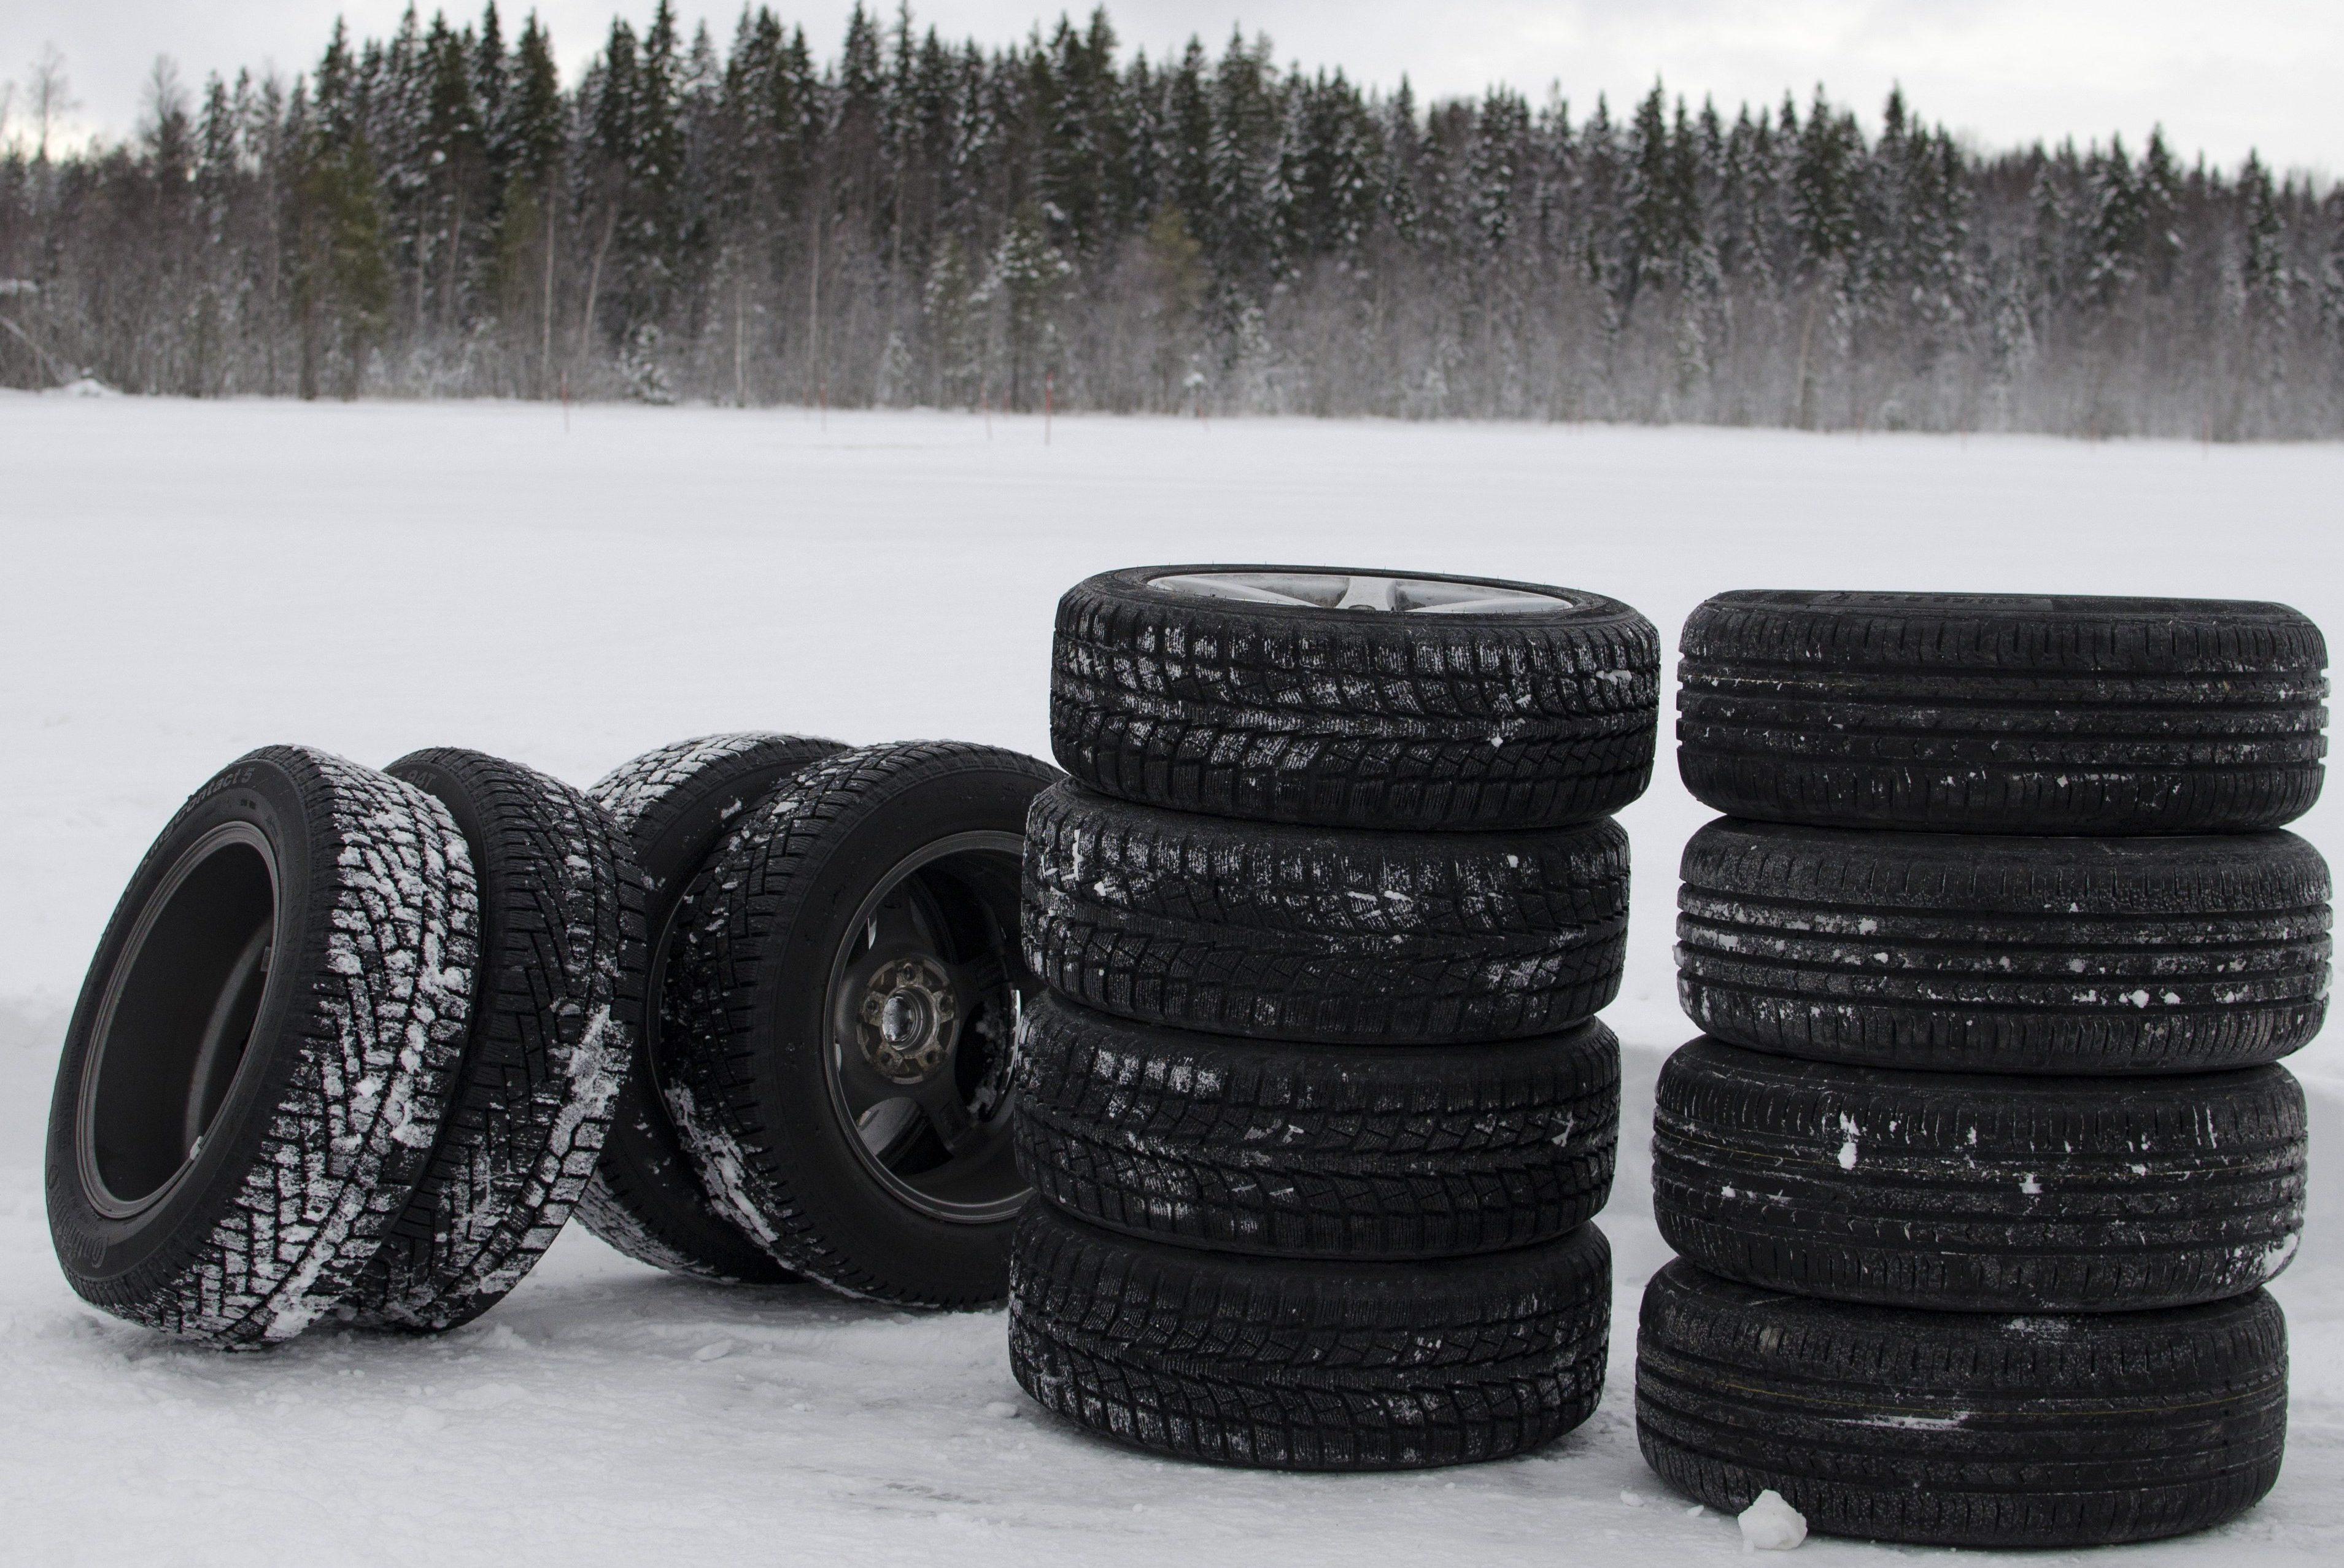 Laat uw banden tijdig wisselen in de winter. Een bandenwissel laat u doen bij Premio Banden en Autoservice